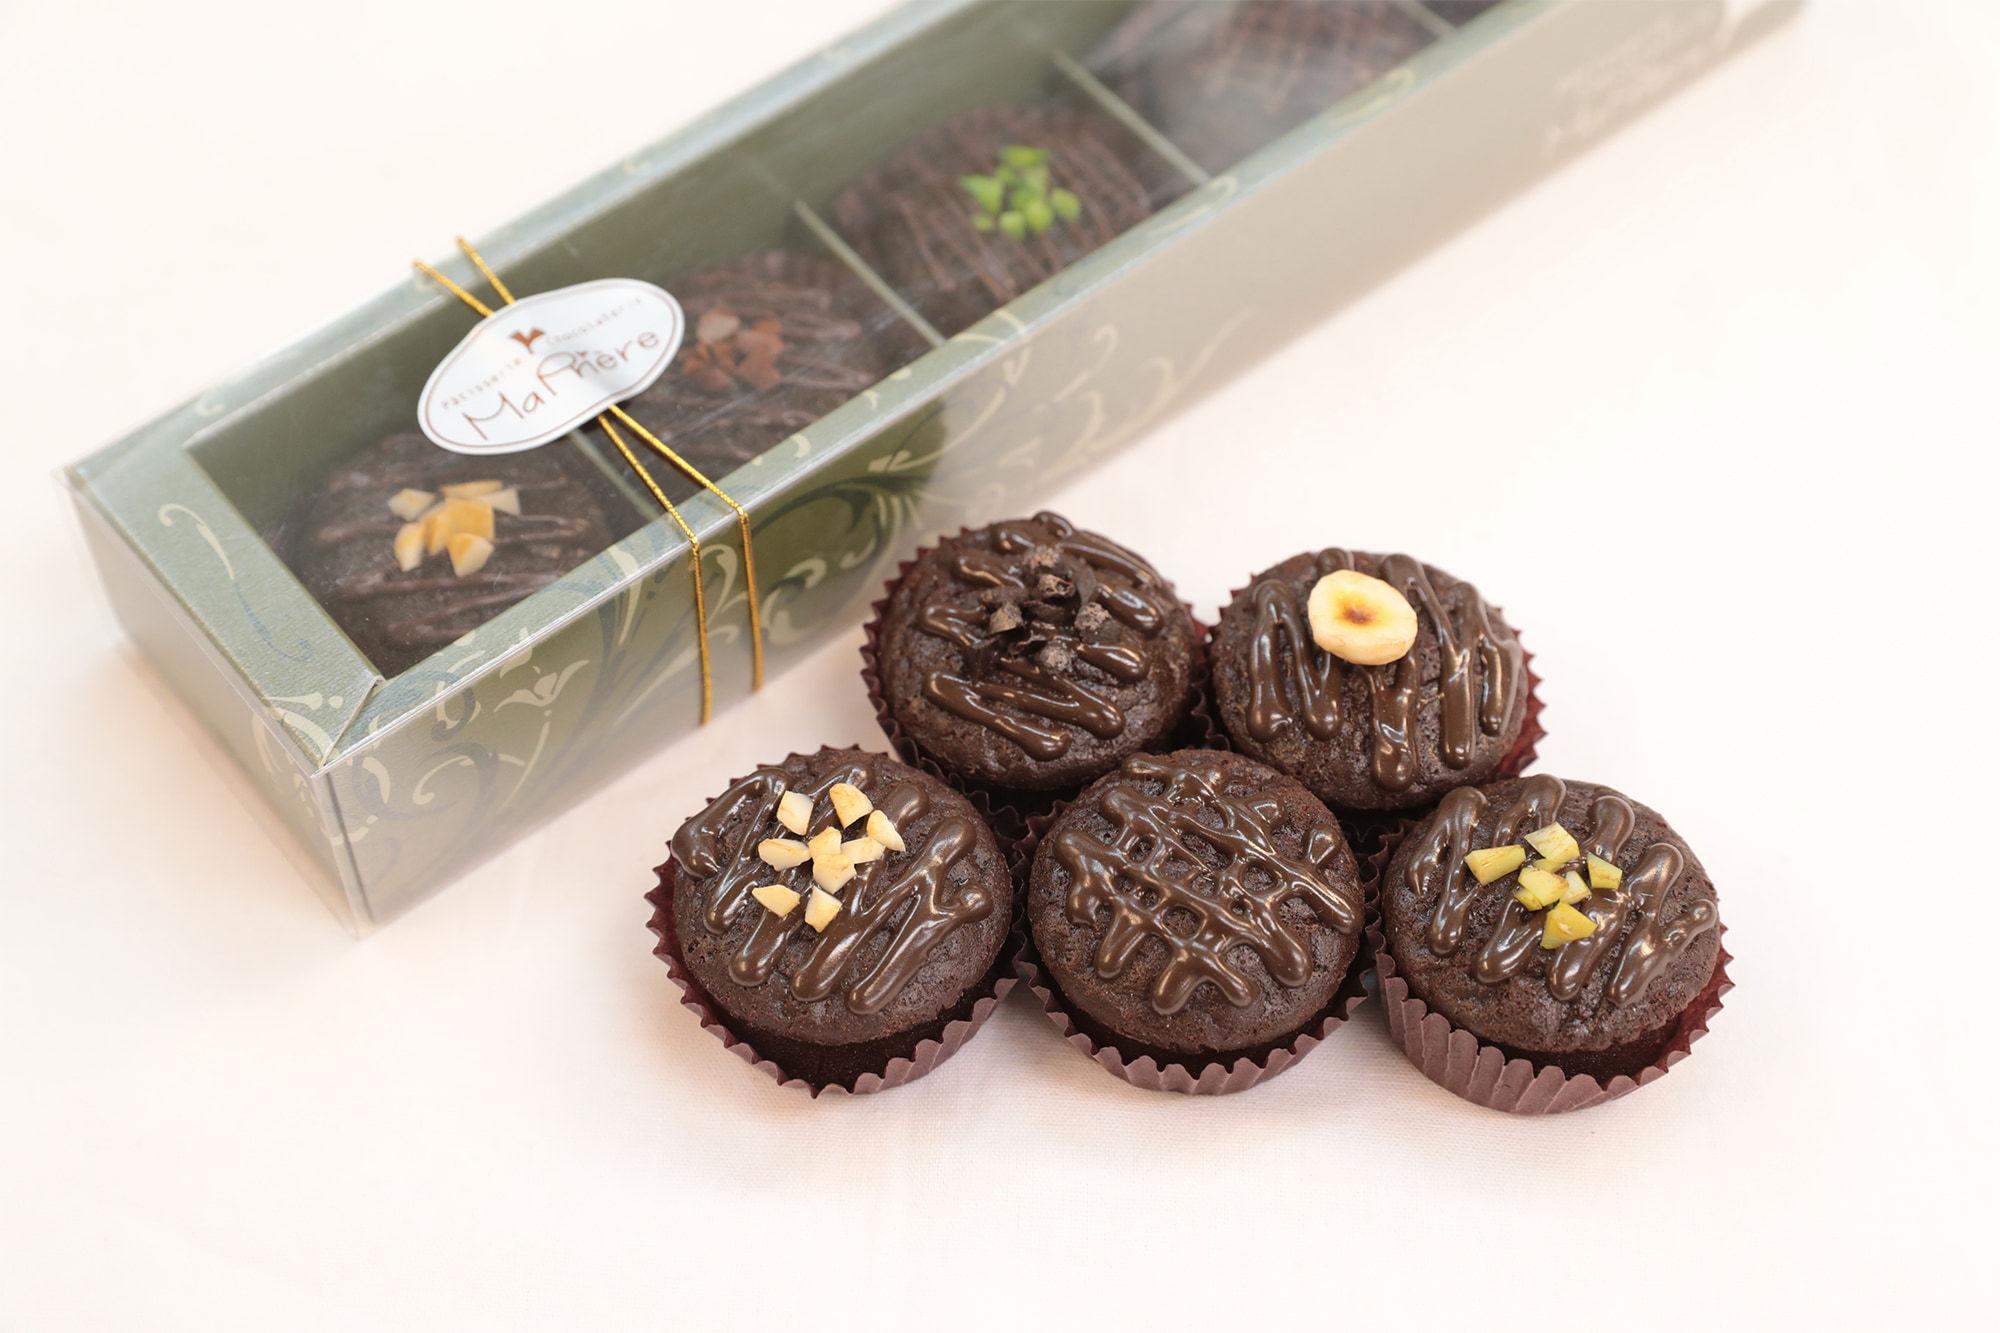 産地別のチョコレートをケーキで楽しむ。マ・プリエールの看板商品「マ・プリ・ショコラ 」。エクアドル、パプアニューギニア、ベネズエラ、ドミニカ、西アフリカサントメ島のカカオの違いを食べ比べ。1,620円/5個(税込)